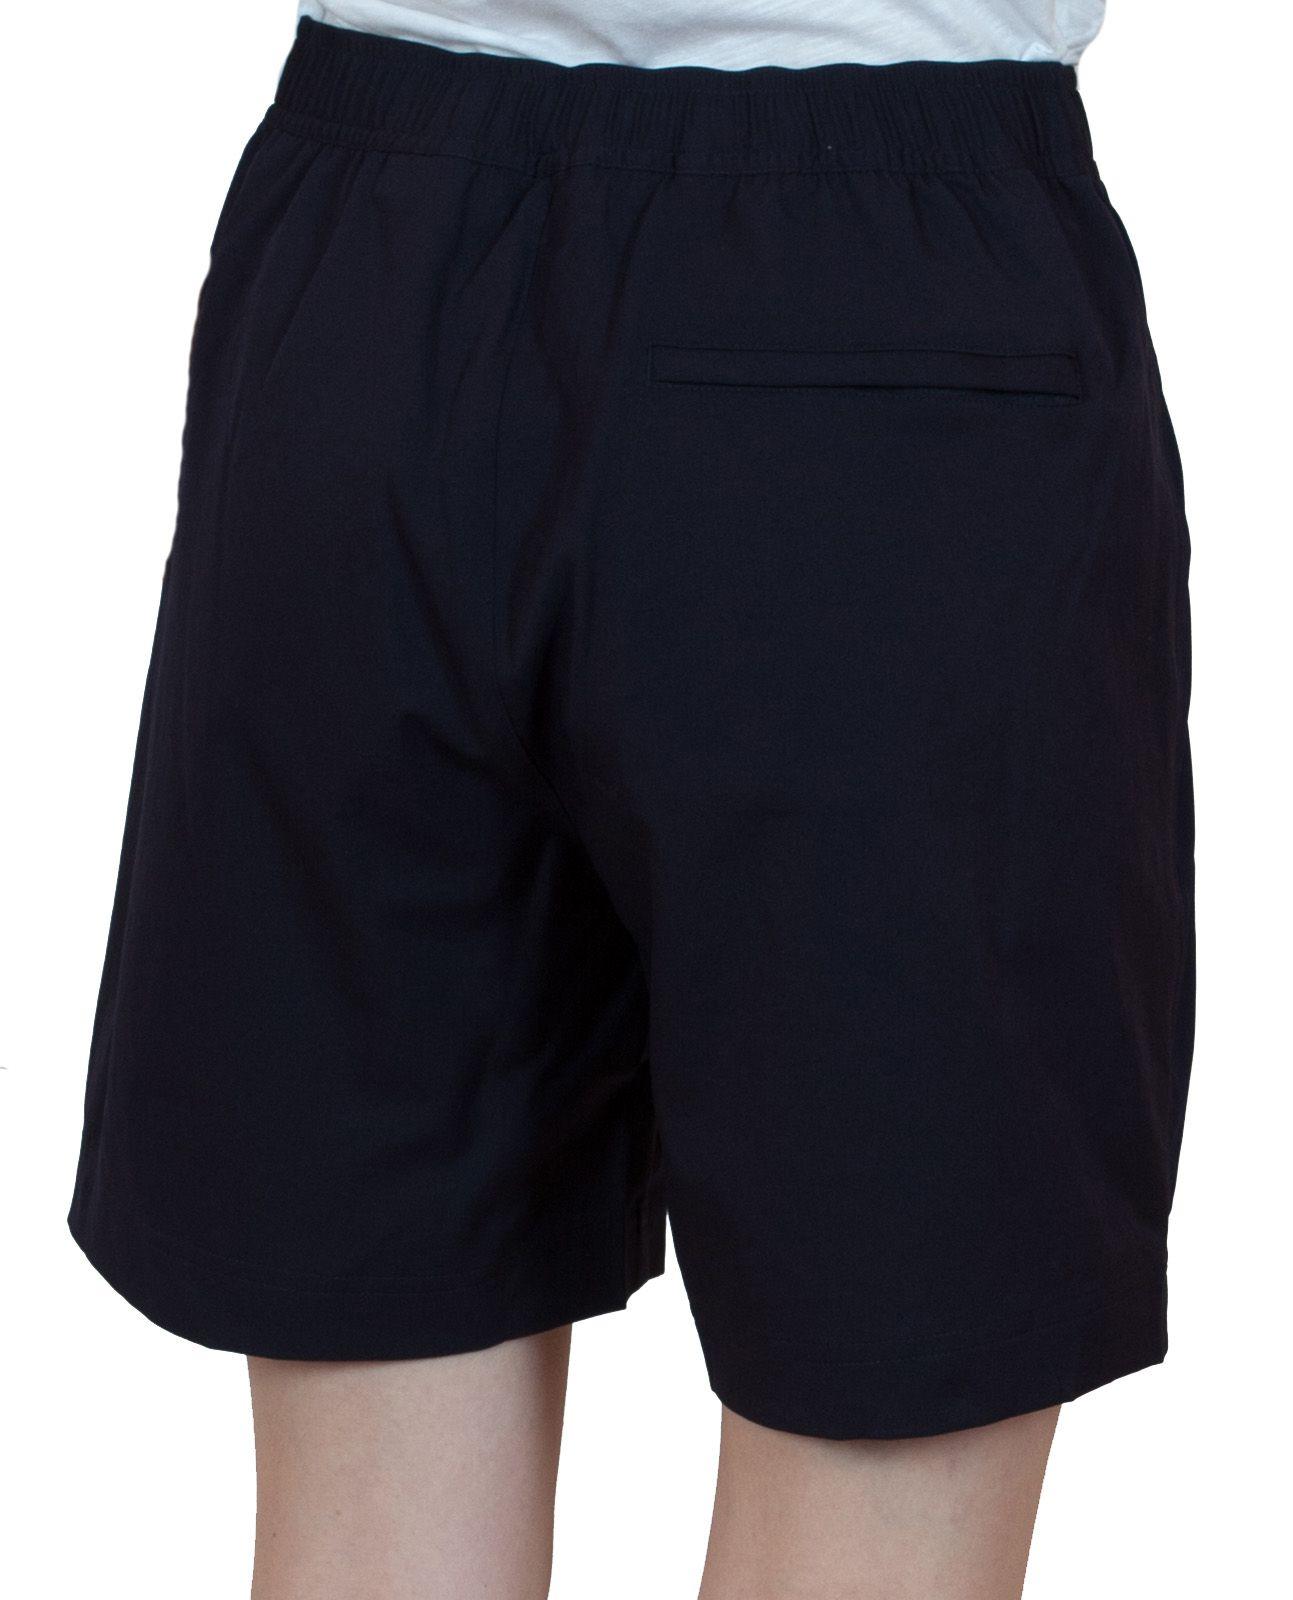 Спортивные черные шорты для женщин - вид сзади